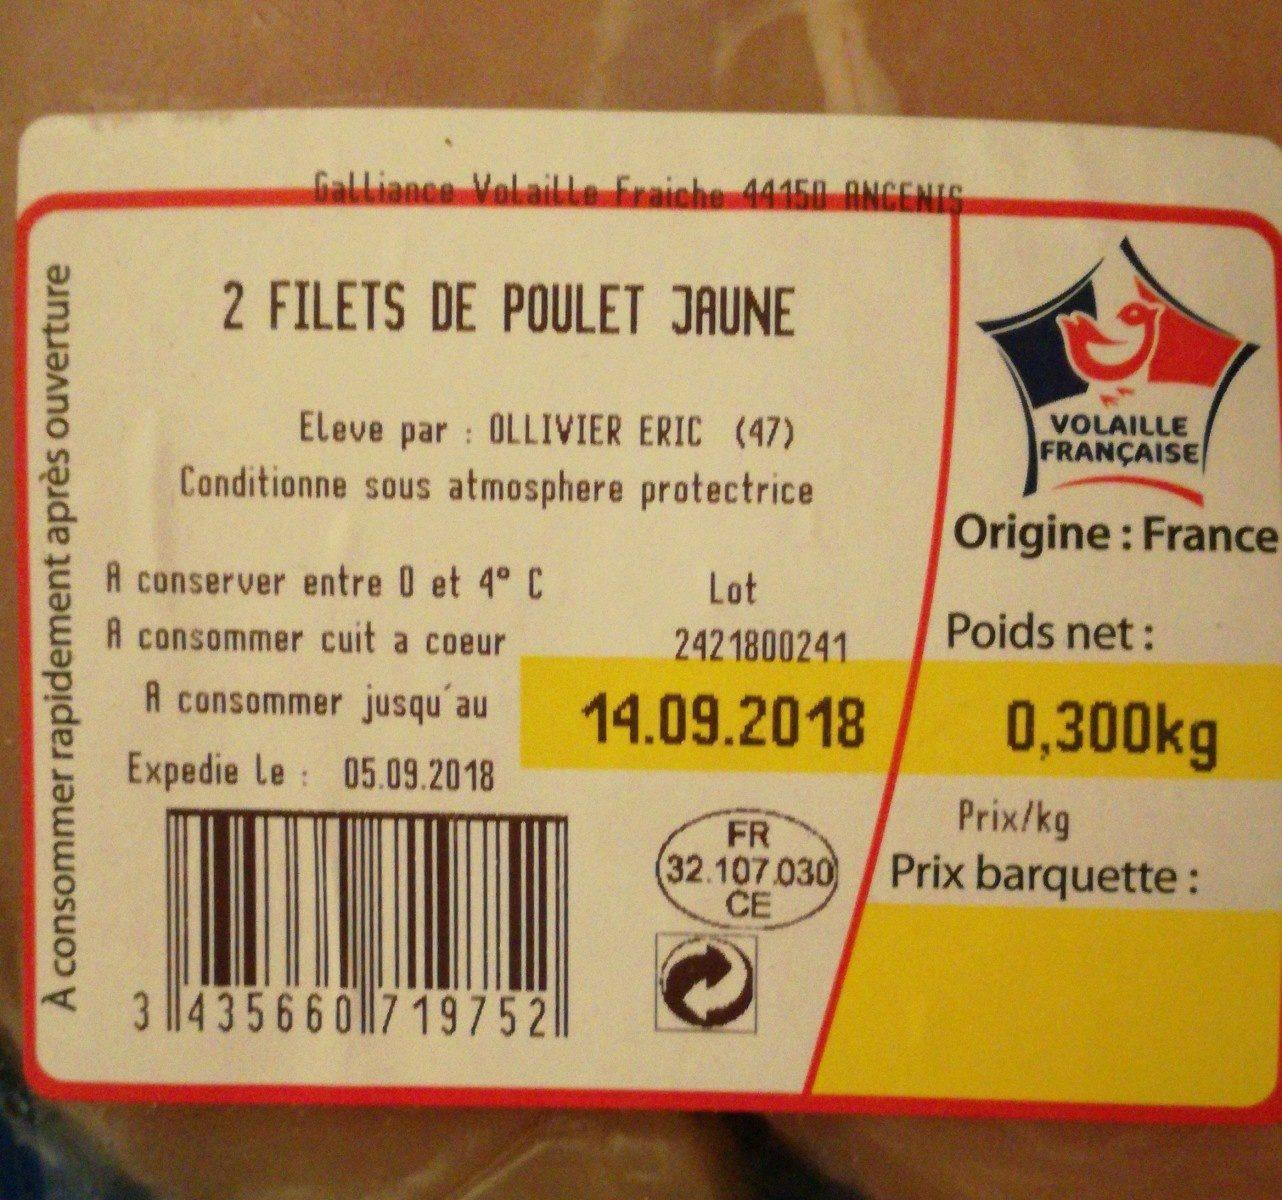 Filets de poulet jaune - Ingrédients - fr